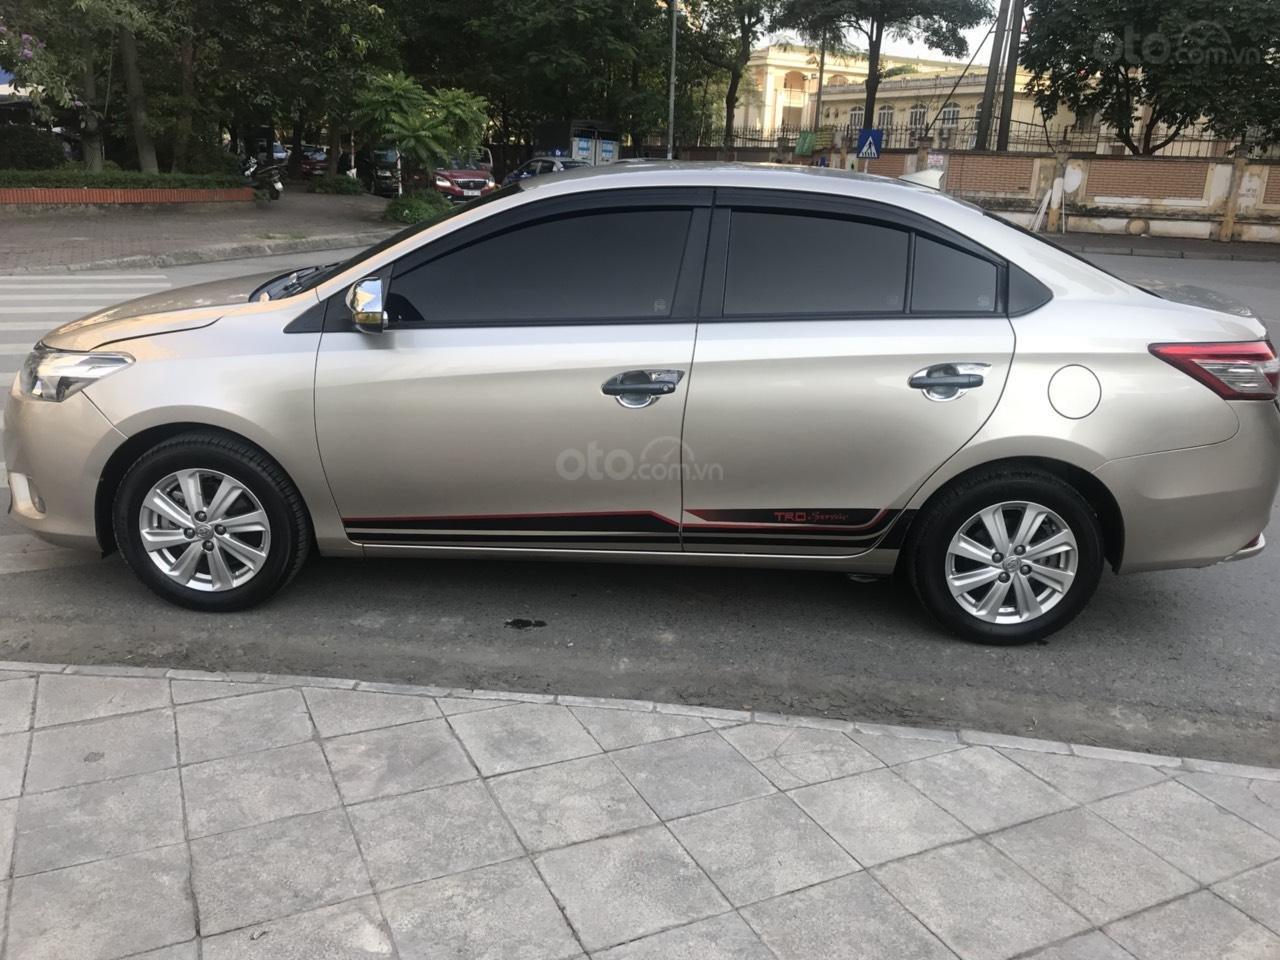 Cần bán xe Toyota Vios E đời 2016, màu vàng-6